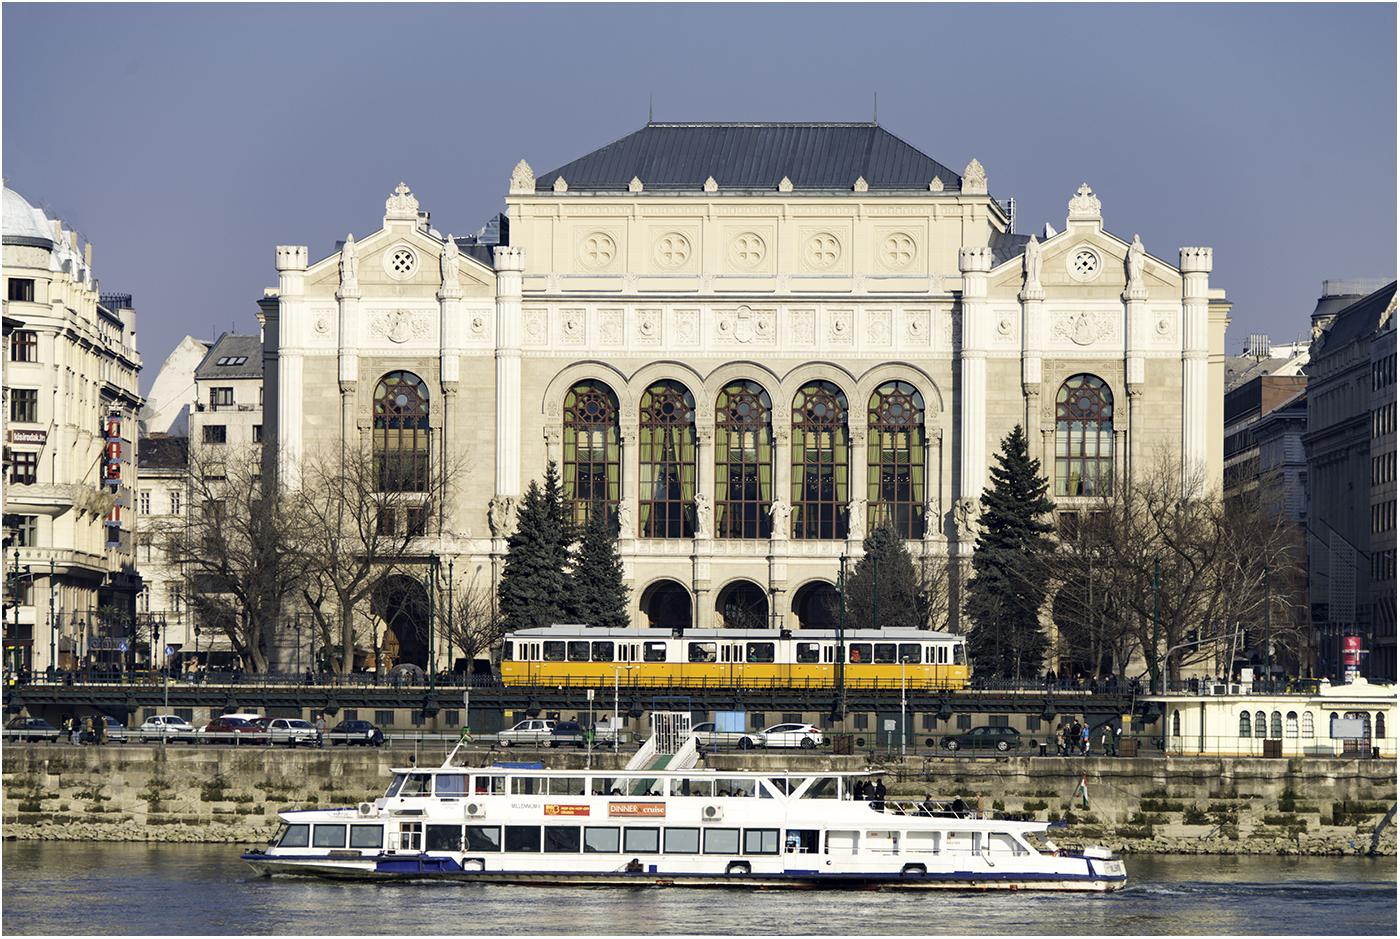 Трамвайные линии в Будапеште являются самыми загруженными в мире. Интервал в час пик составляет 60 — 90 сек.